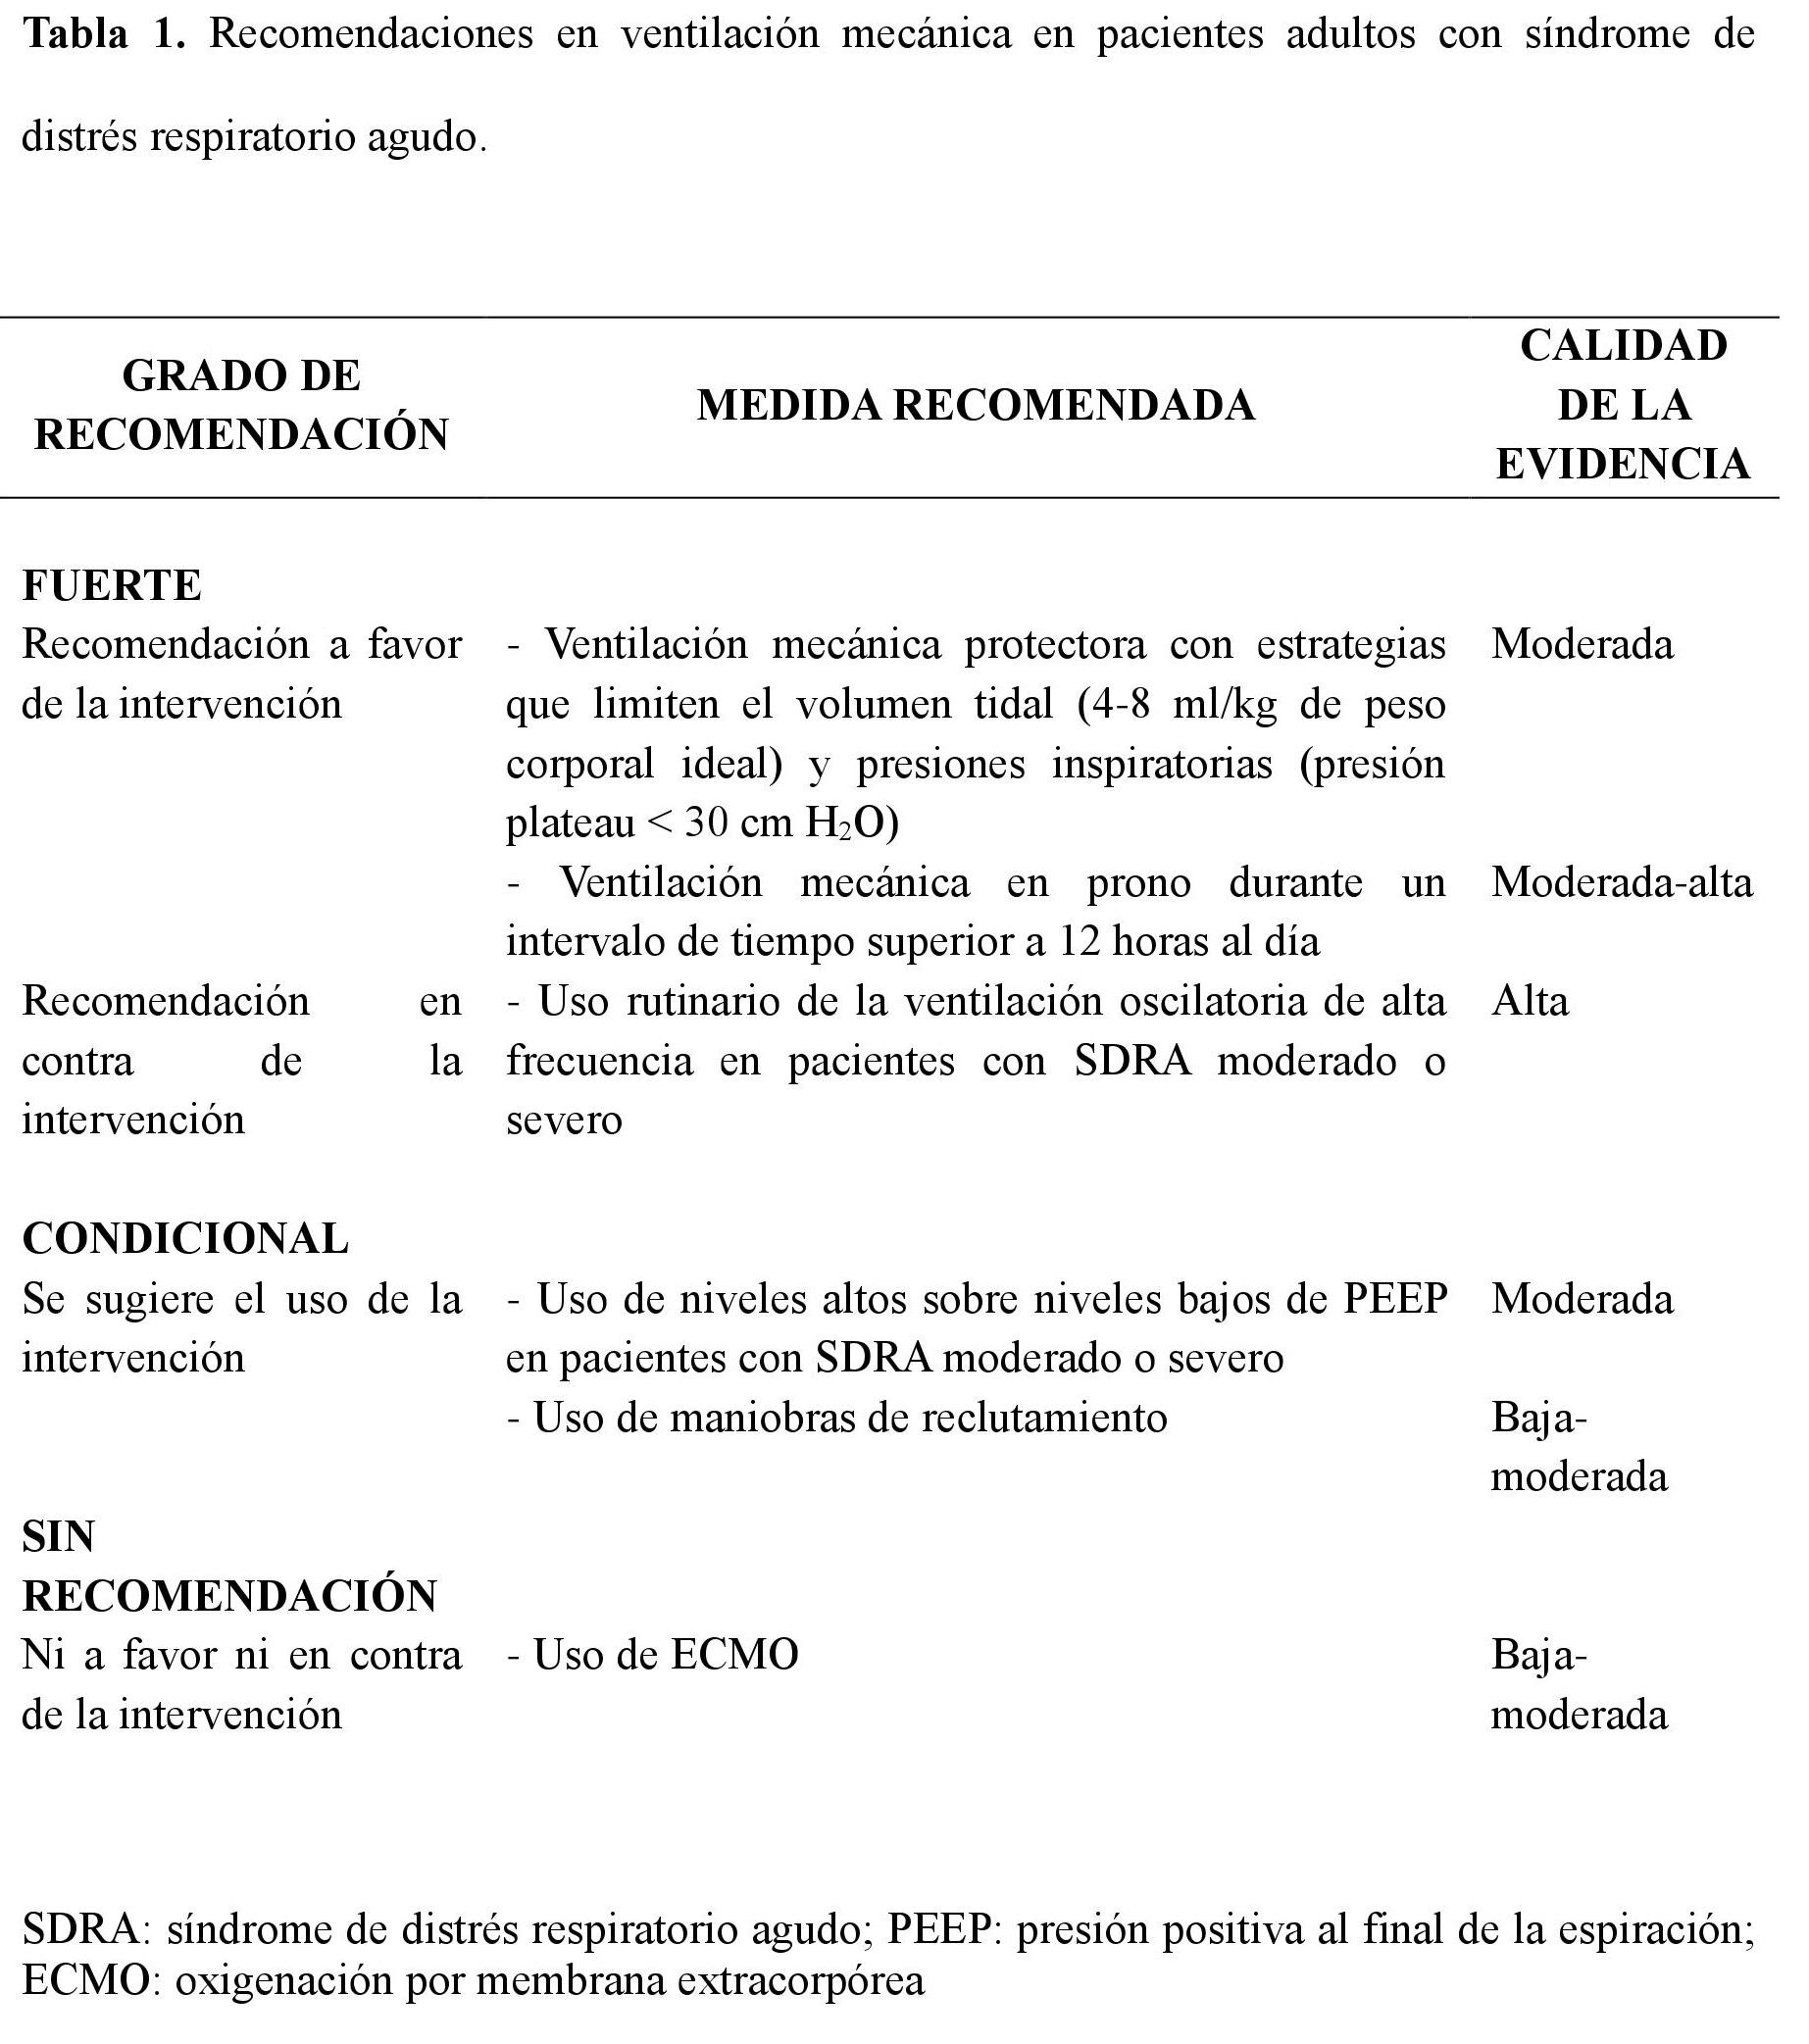 ventilacion-mecanica-en-pacientes-con-sindrome-de-distres ...